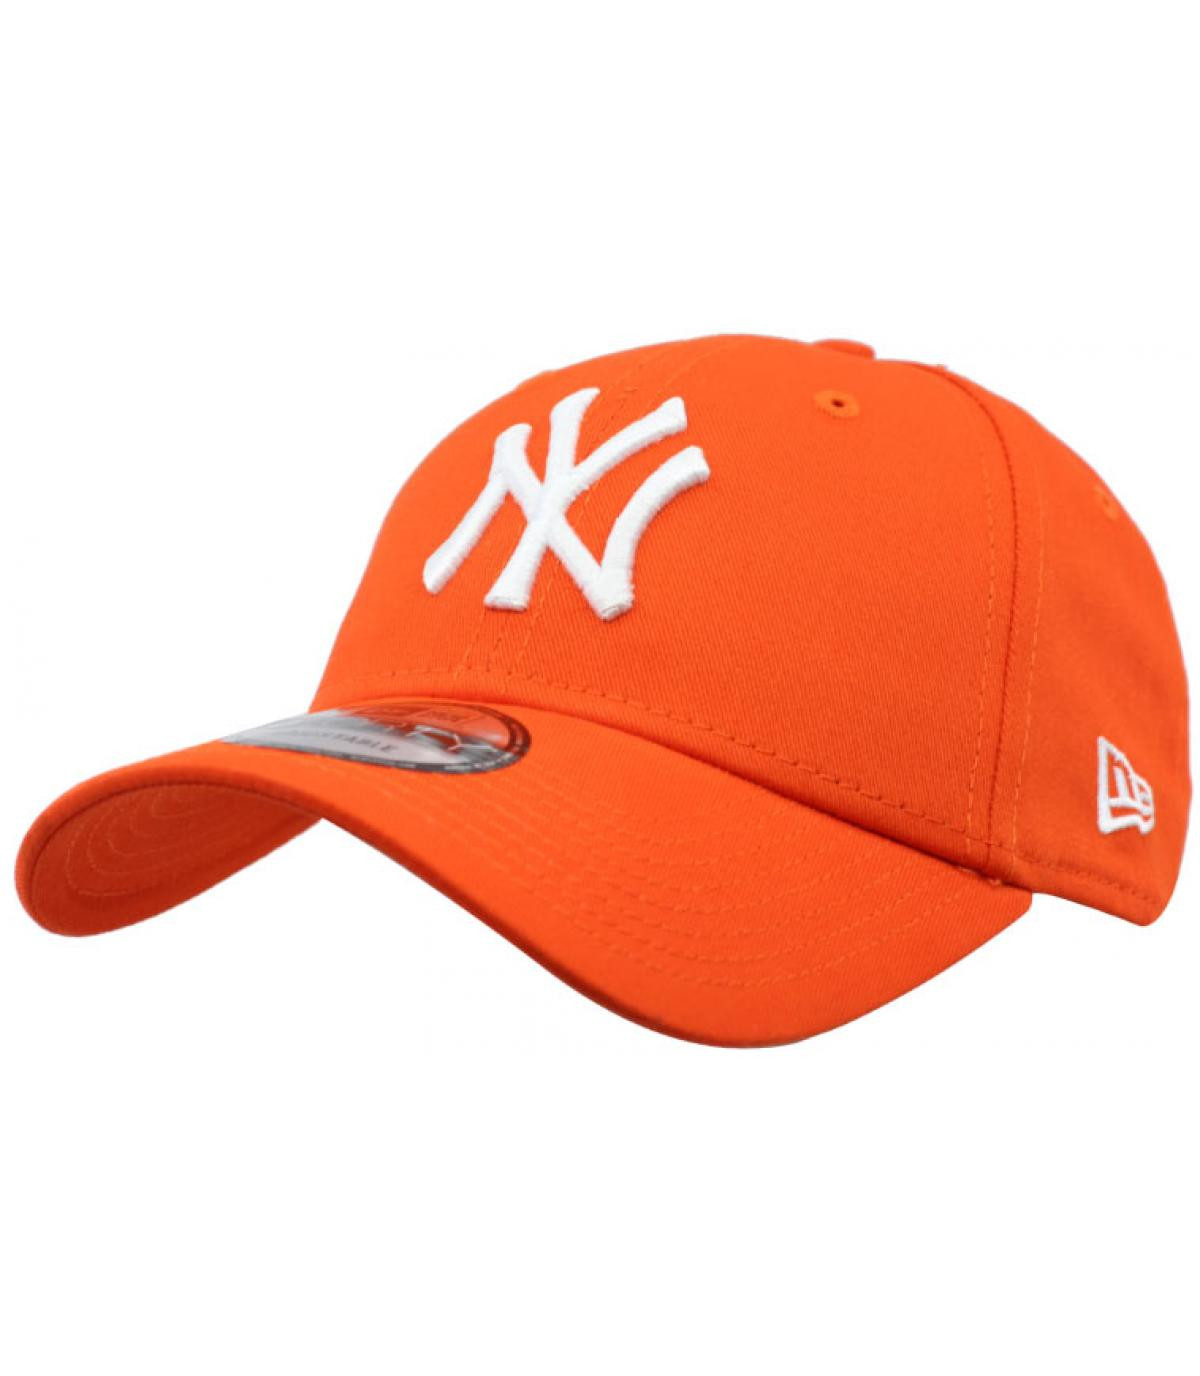 Détails Casquette League Ess 9Forty NY orange - image 2